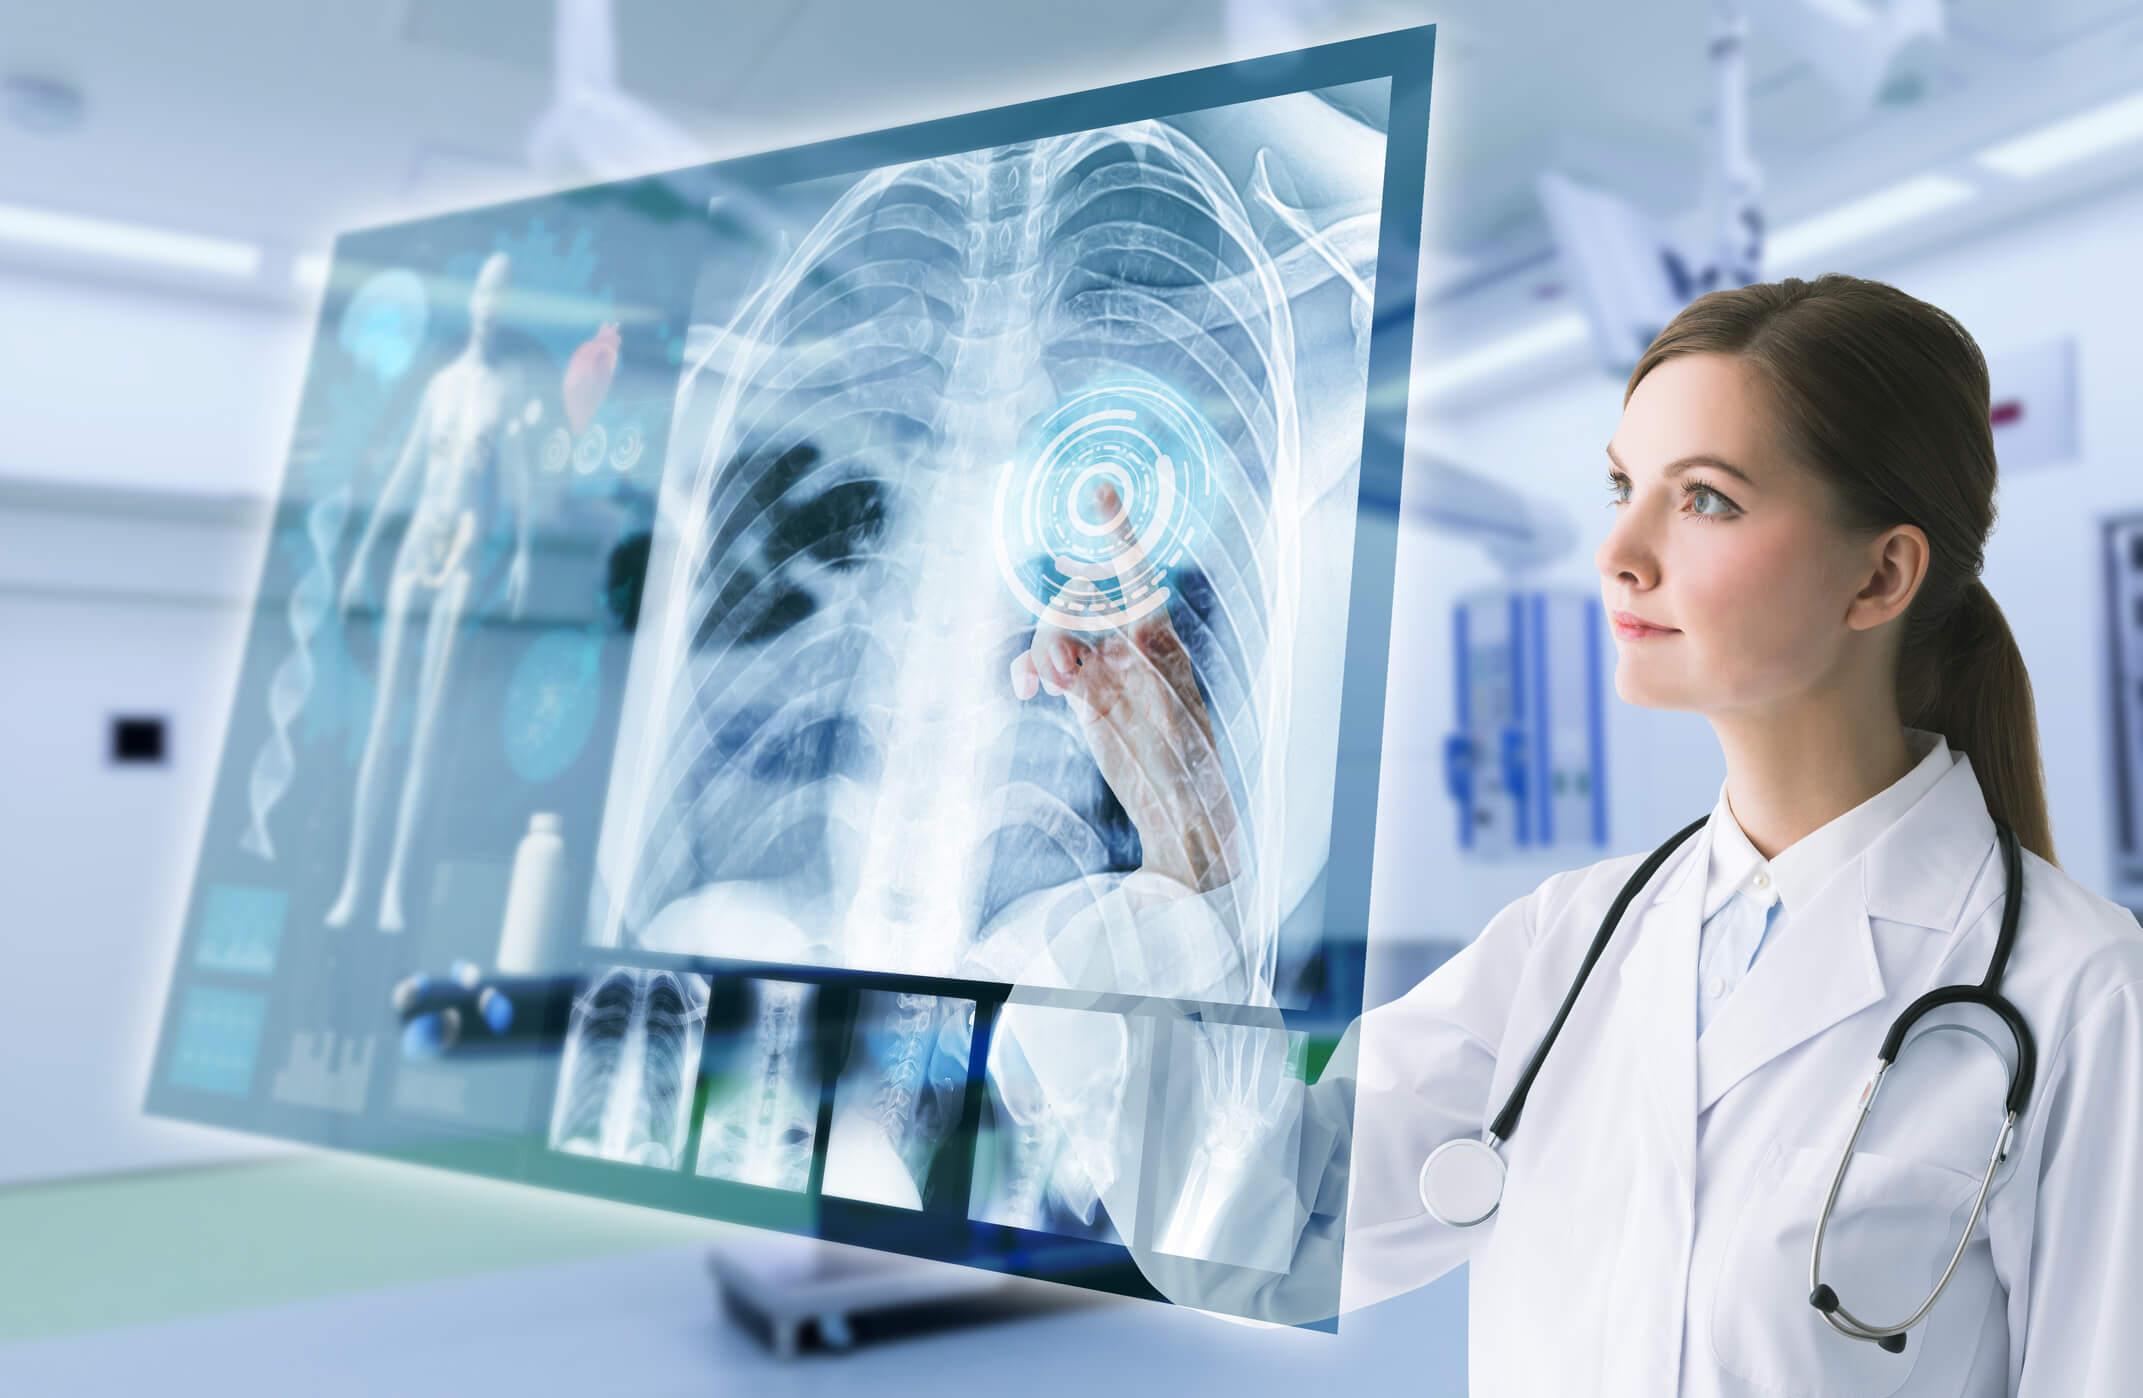 Gestão na saúde: as tecnologias inovadoras para empoderar gestores